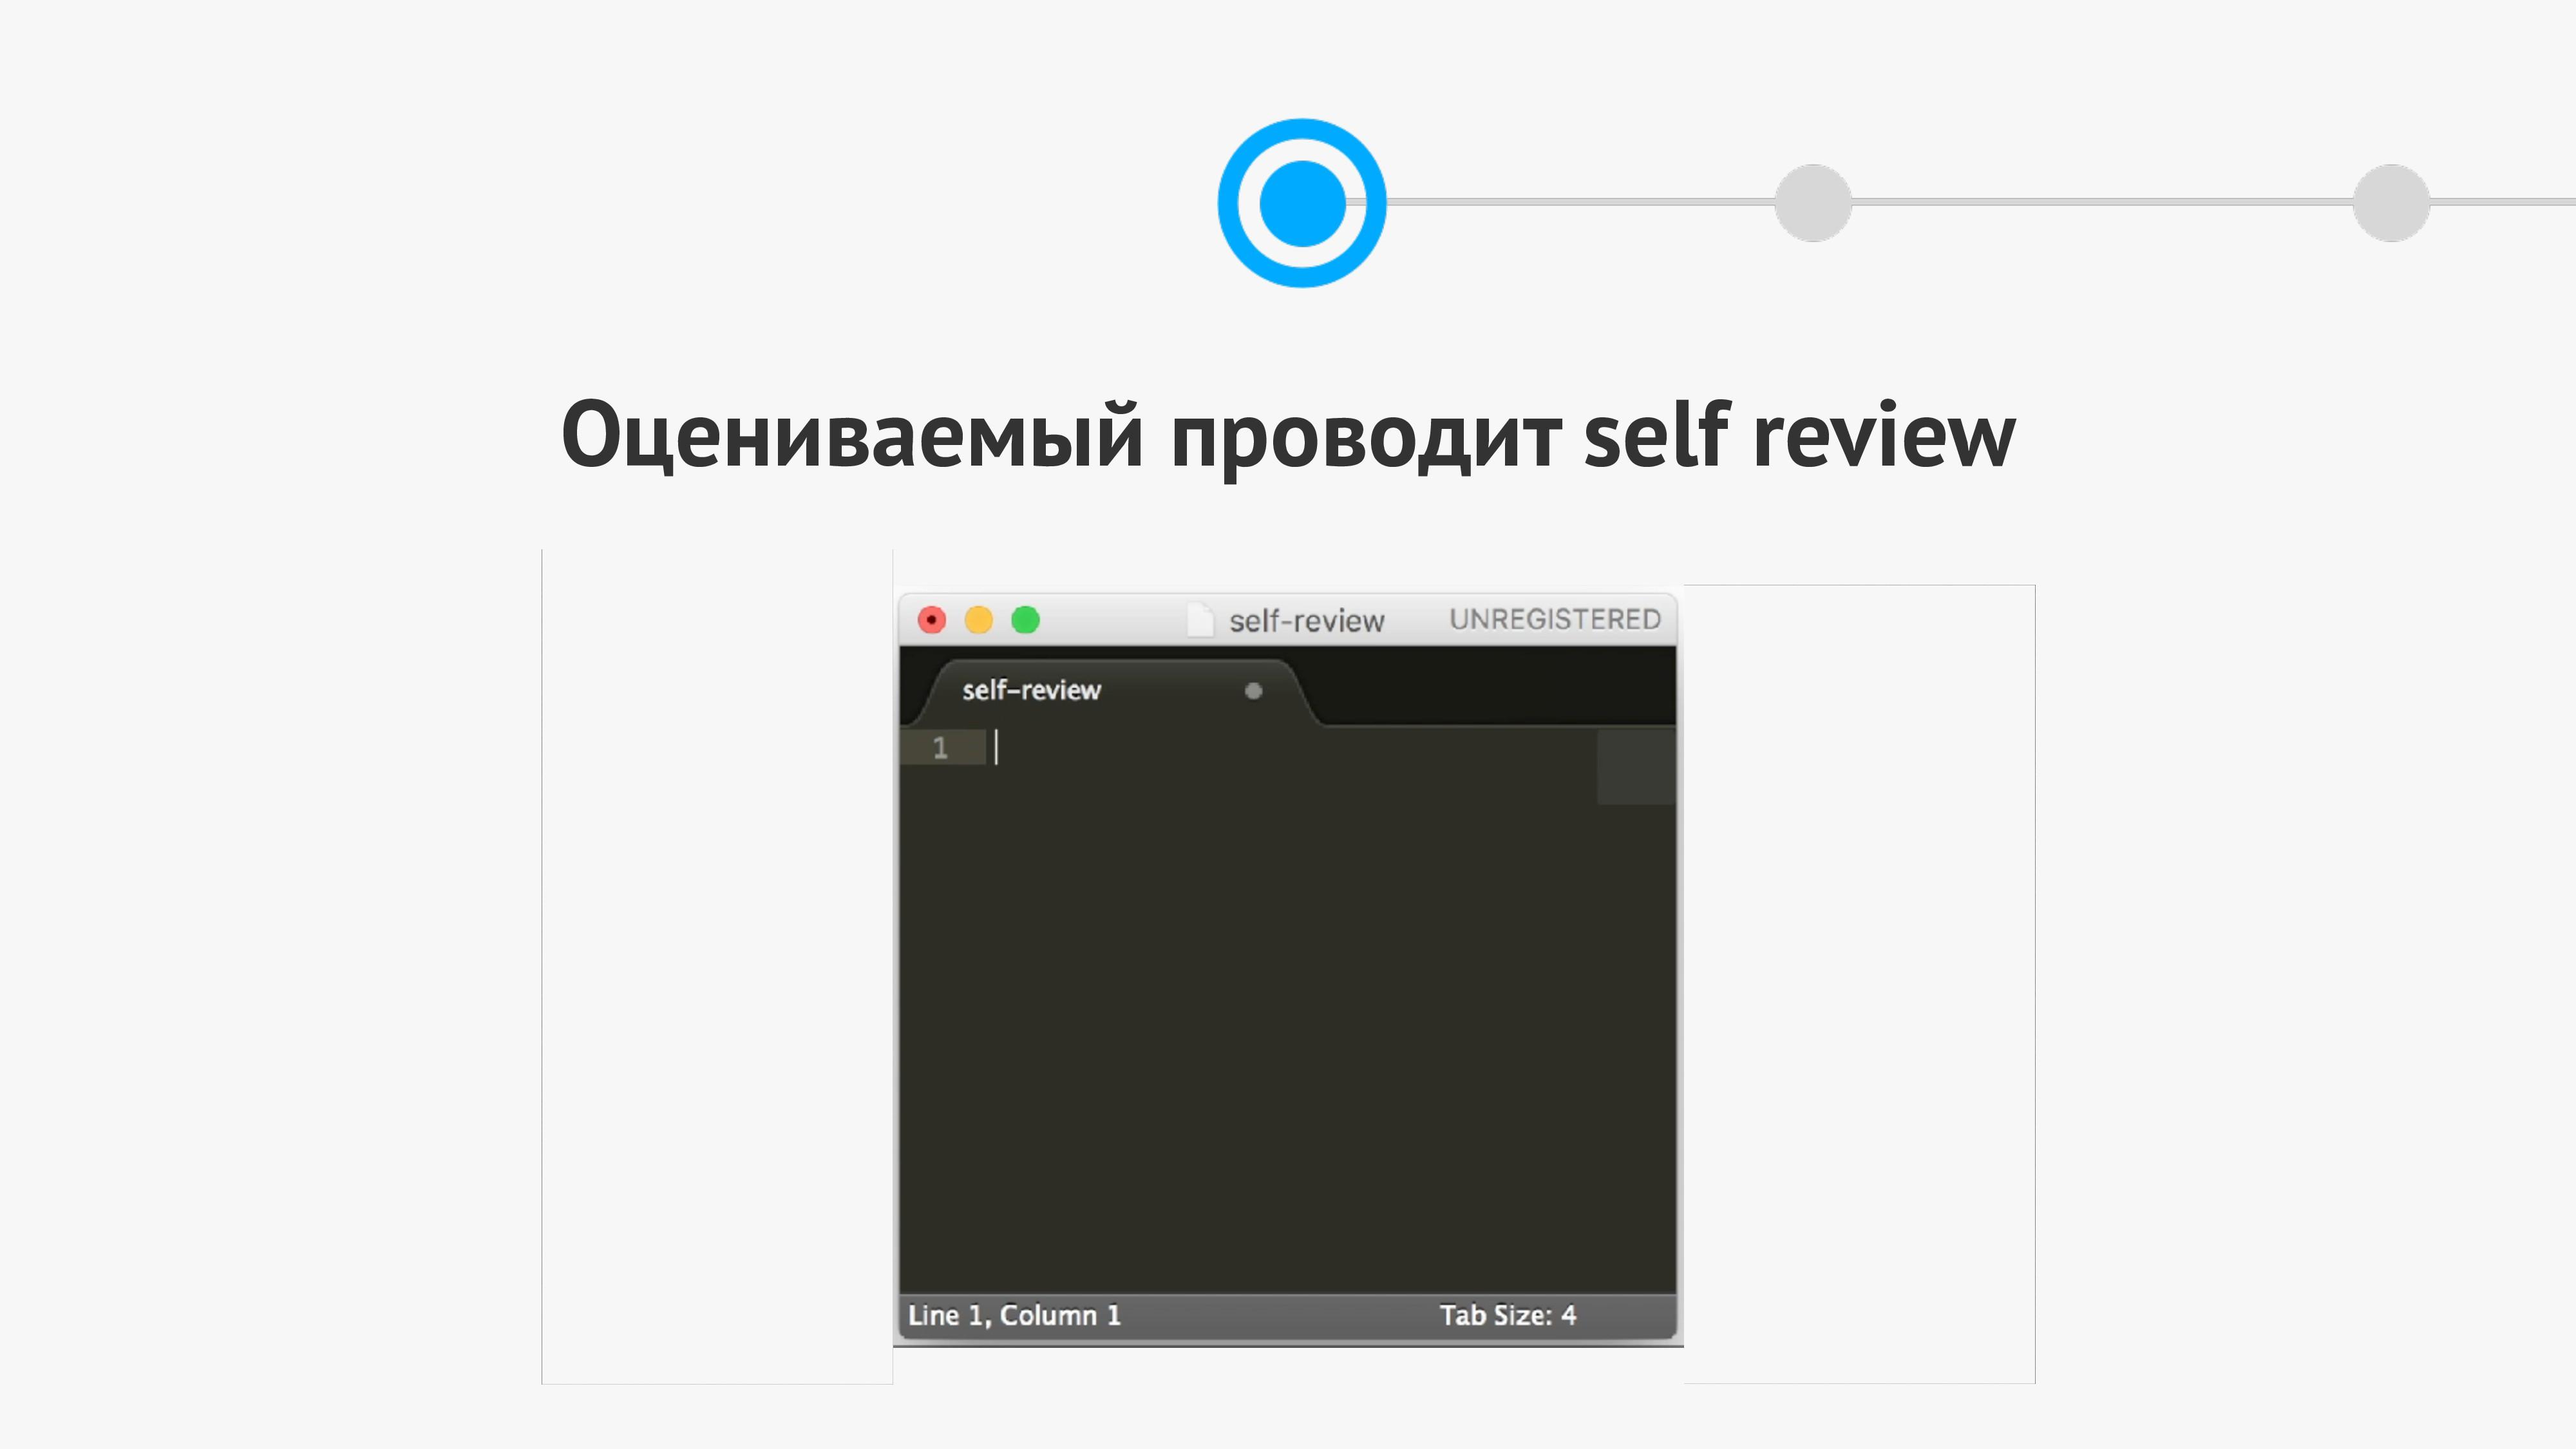 Оцениваемый проводит self review